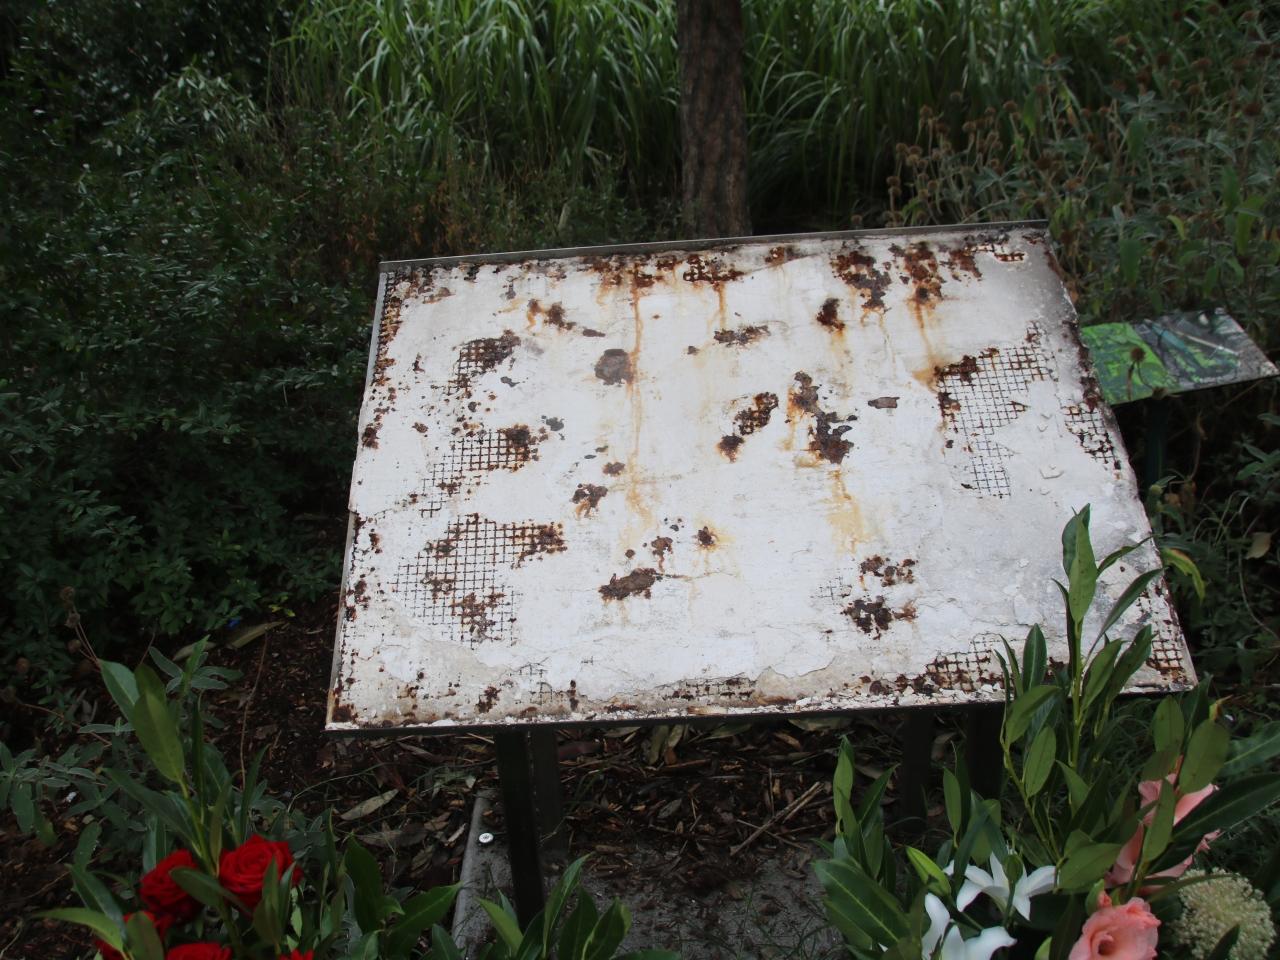 La st le en m moire des enfants d izieu vandalis e lyon for Jardin couvert lyon